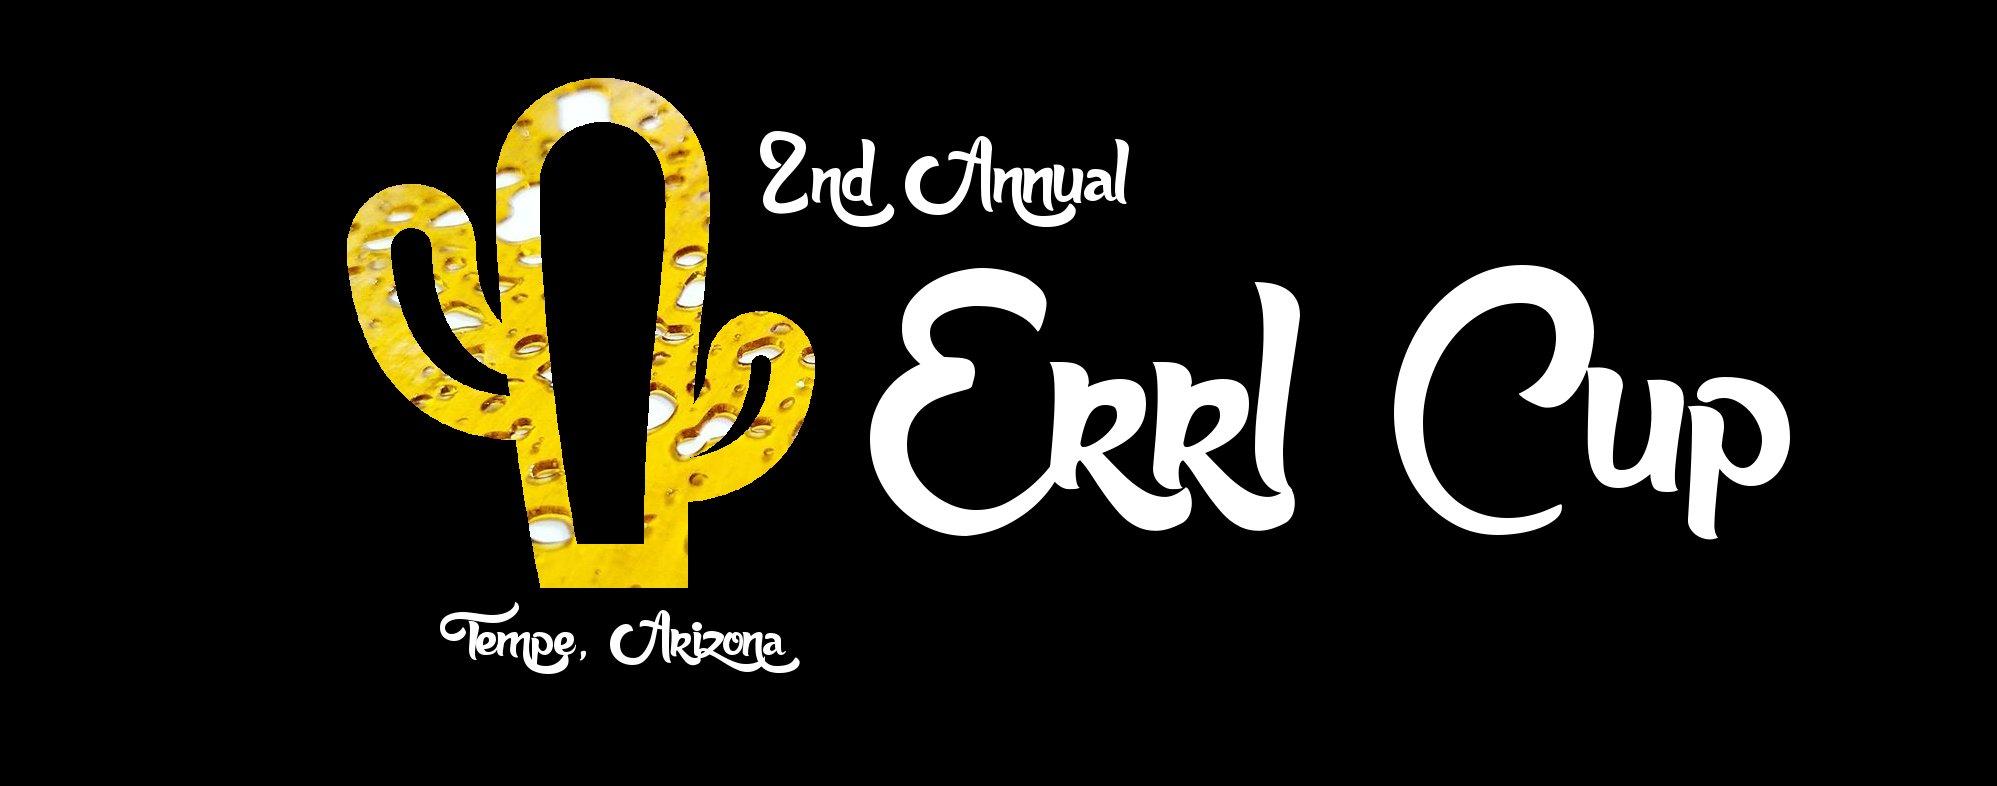 3rd Annual Errl Cup 2018